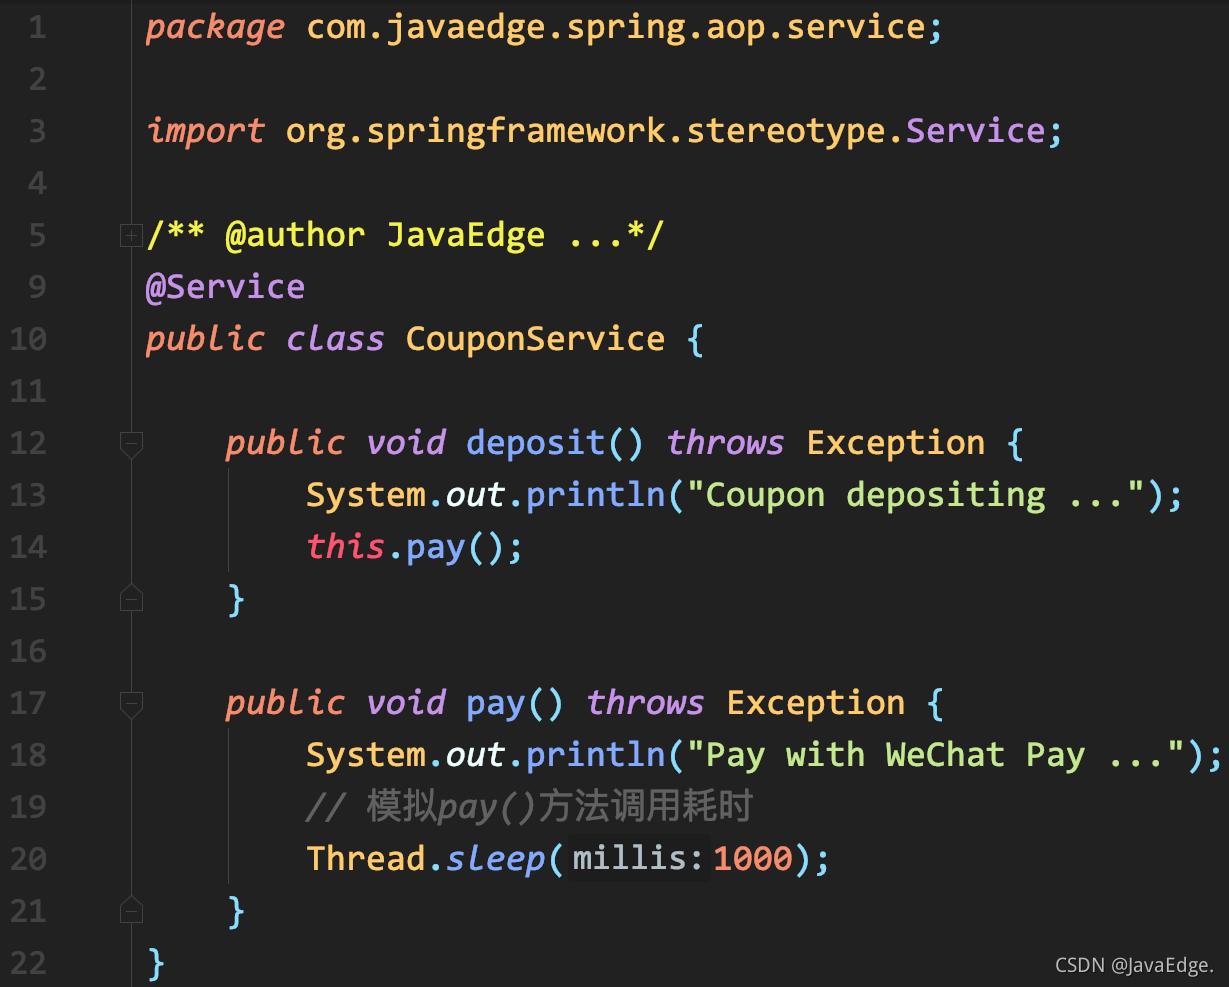 阿里四面:你知道Spring AOP创建Proxy的过程吗?